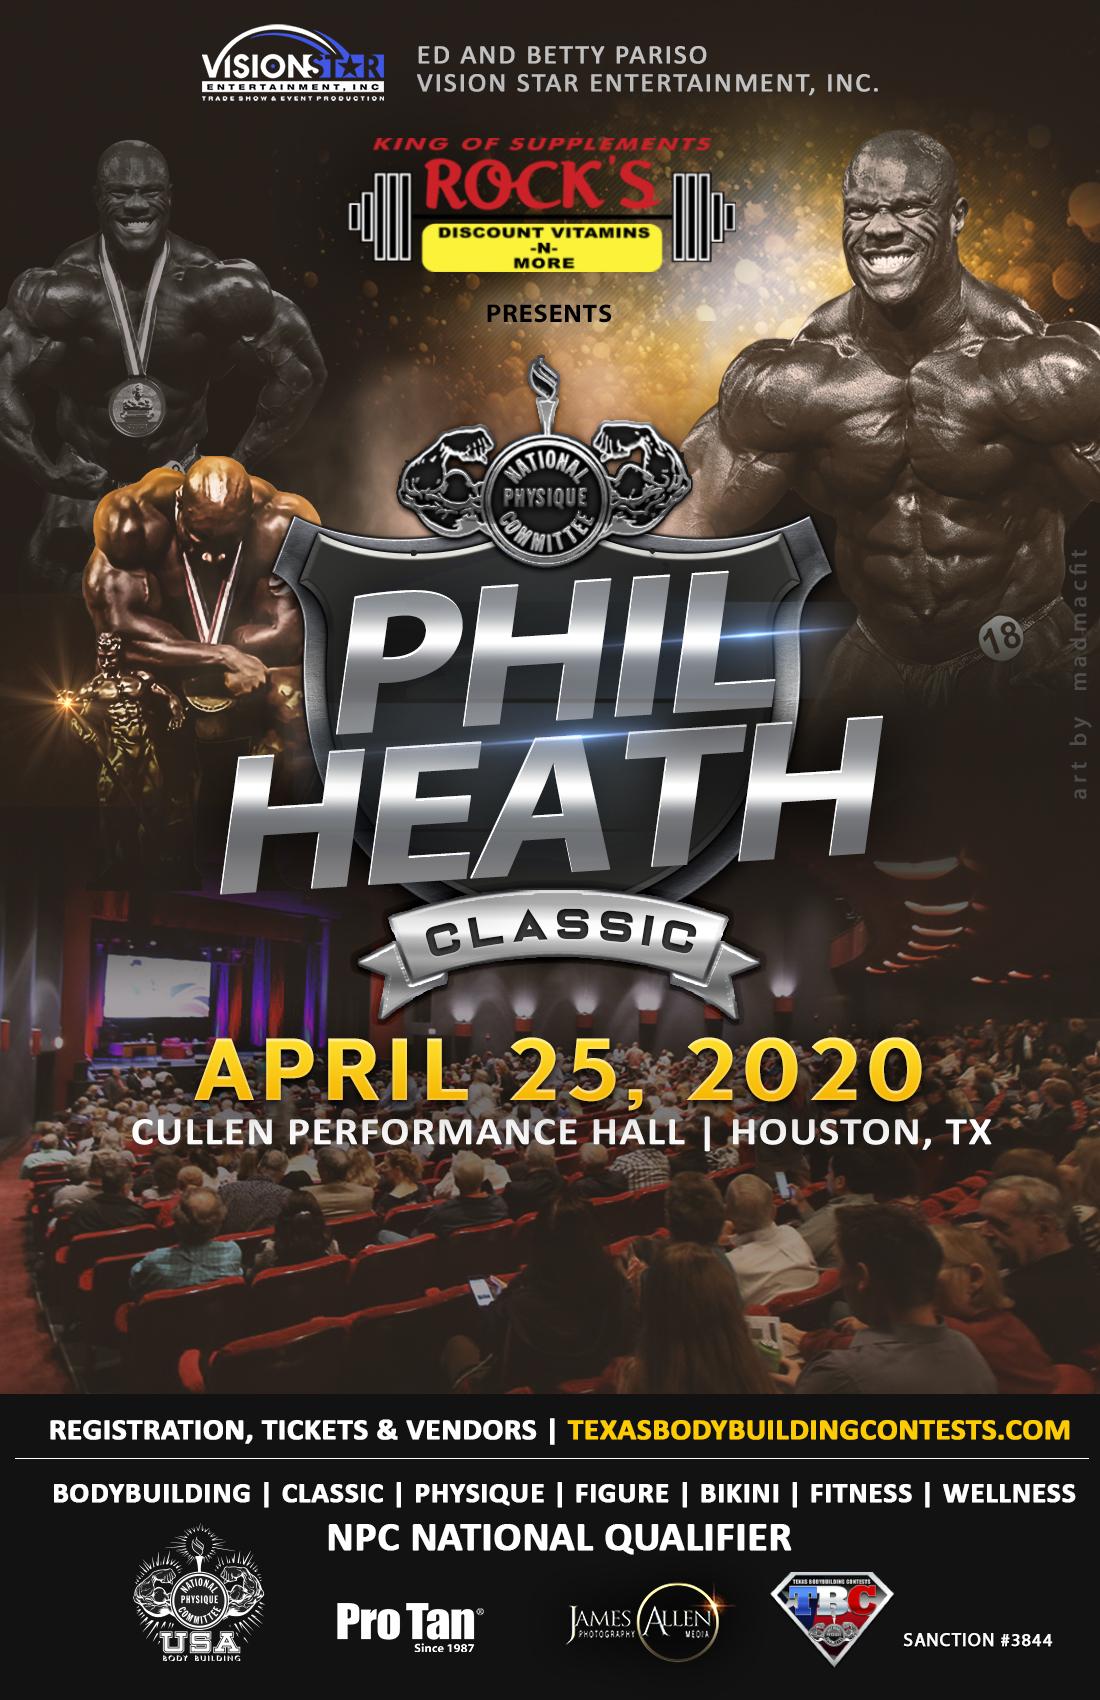 Phil heath 2020